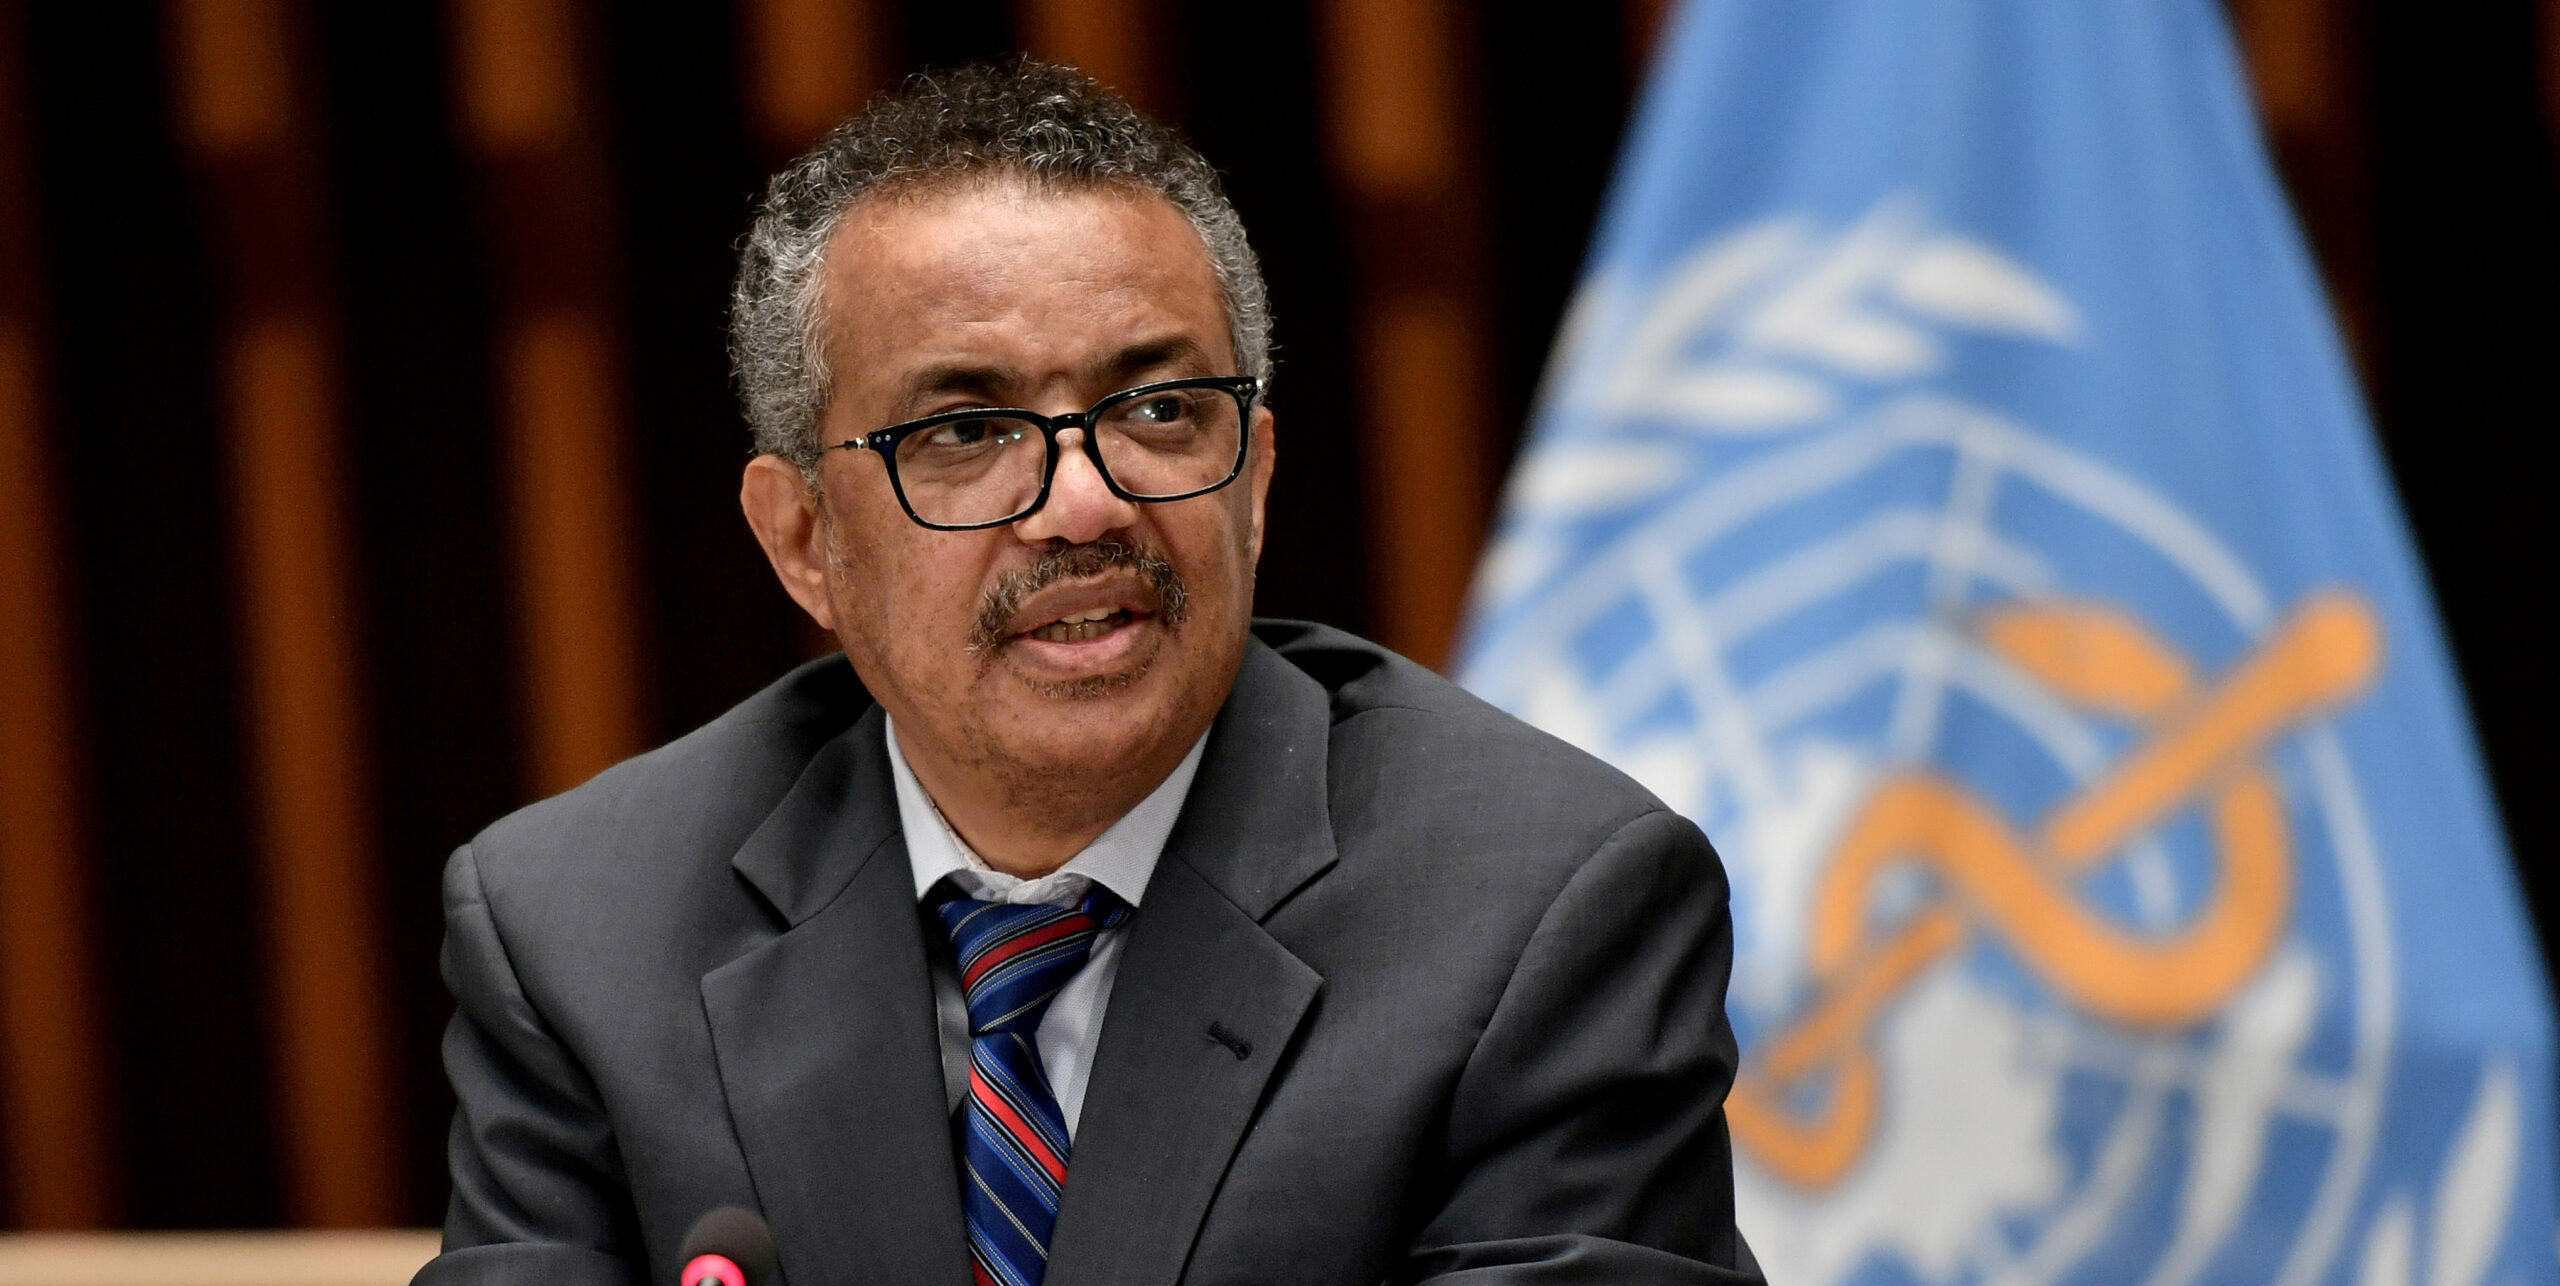 El director general de l'Organització Mundial de la Salut (OMS), Tedros Adhanom Ghebreyesus | ACN